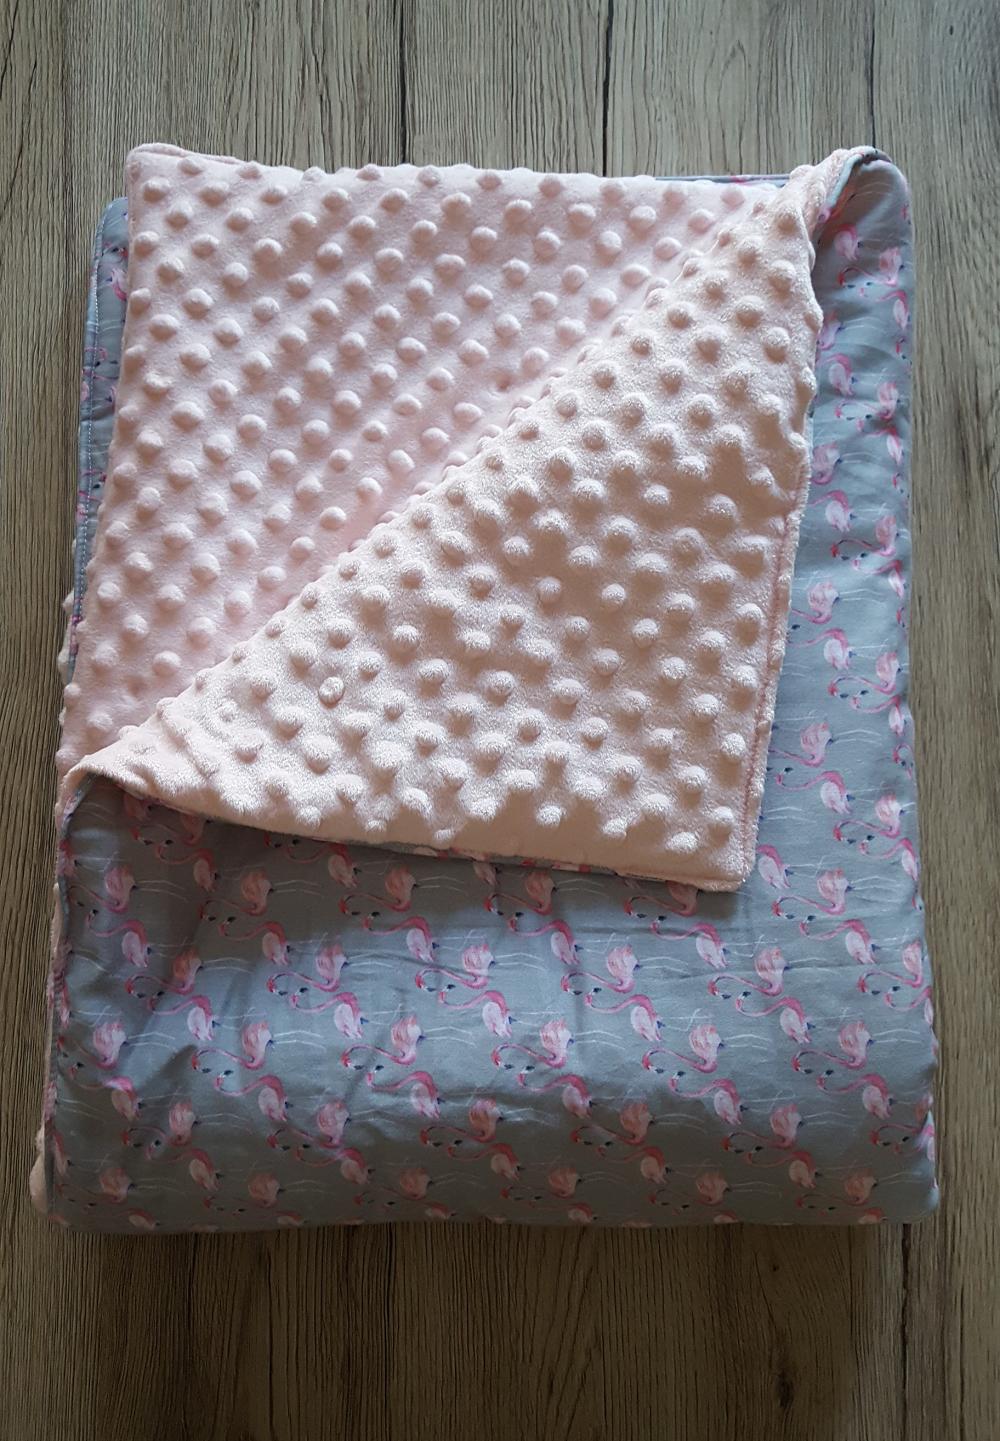 couverture bébé flamands roses